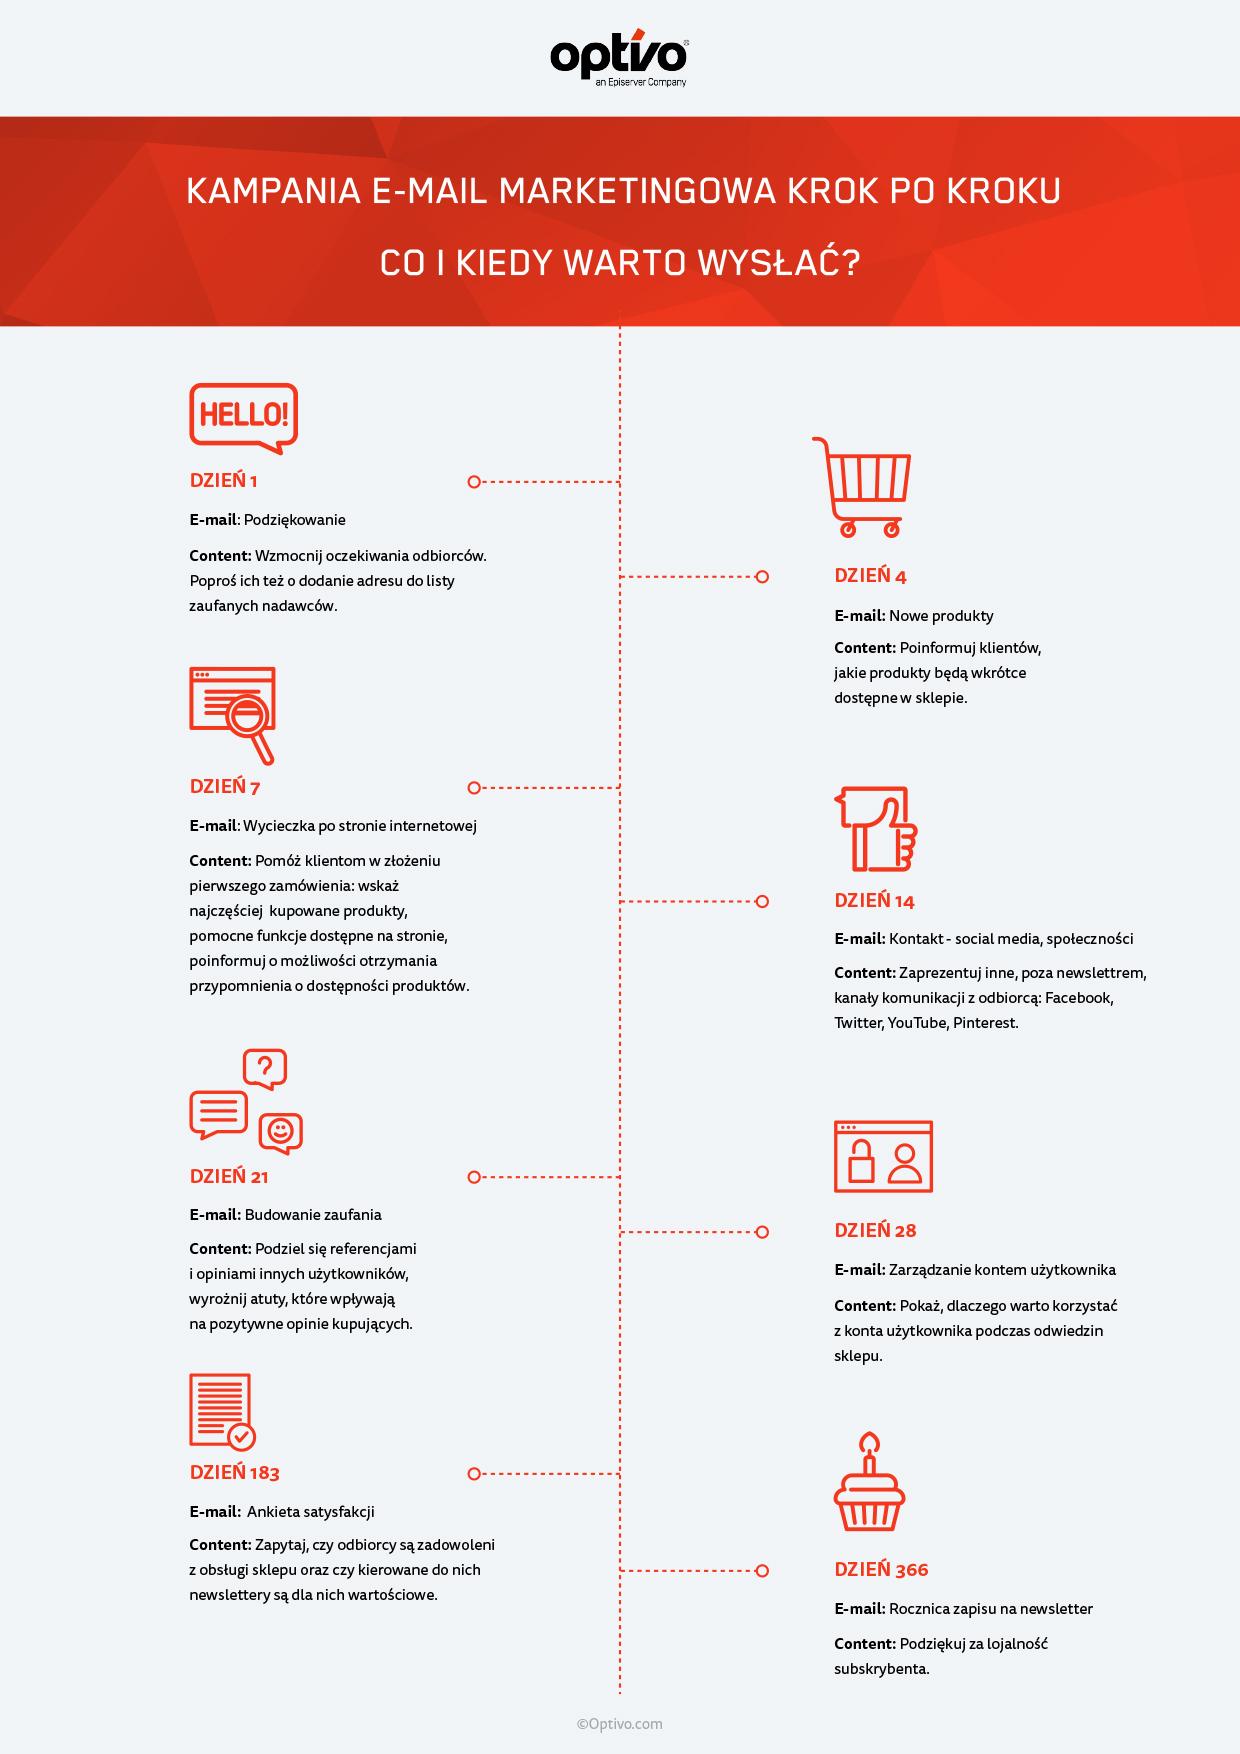 Pierwsze wrażenie - czyli jak skutecznie zaplanować kampanie powitalne? Digital Optivo Kampanie powitalne infografika